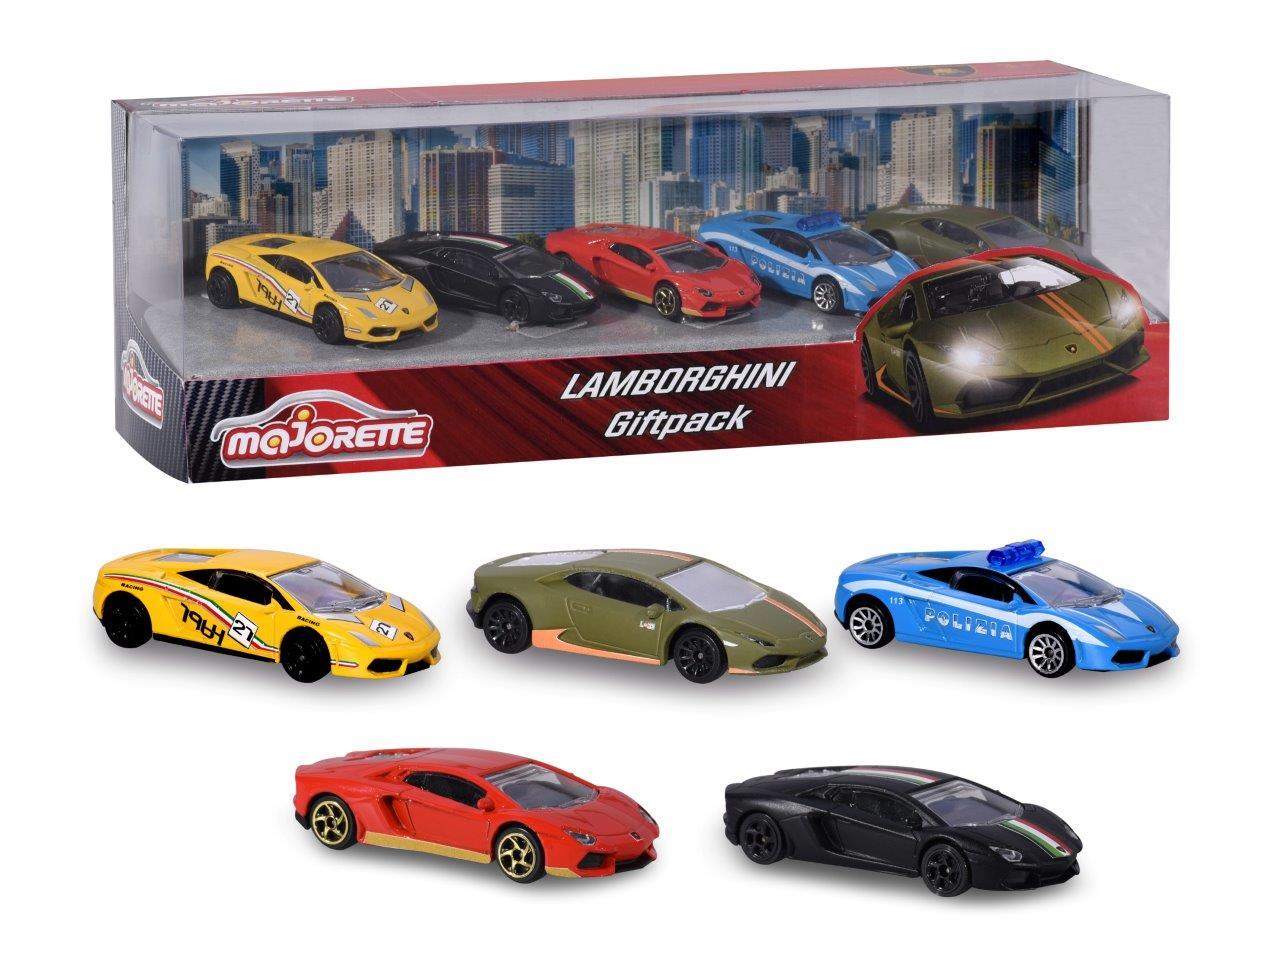 Lamborghini 5tl